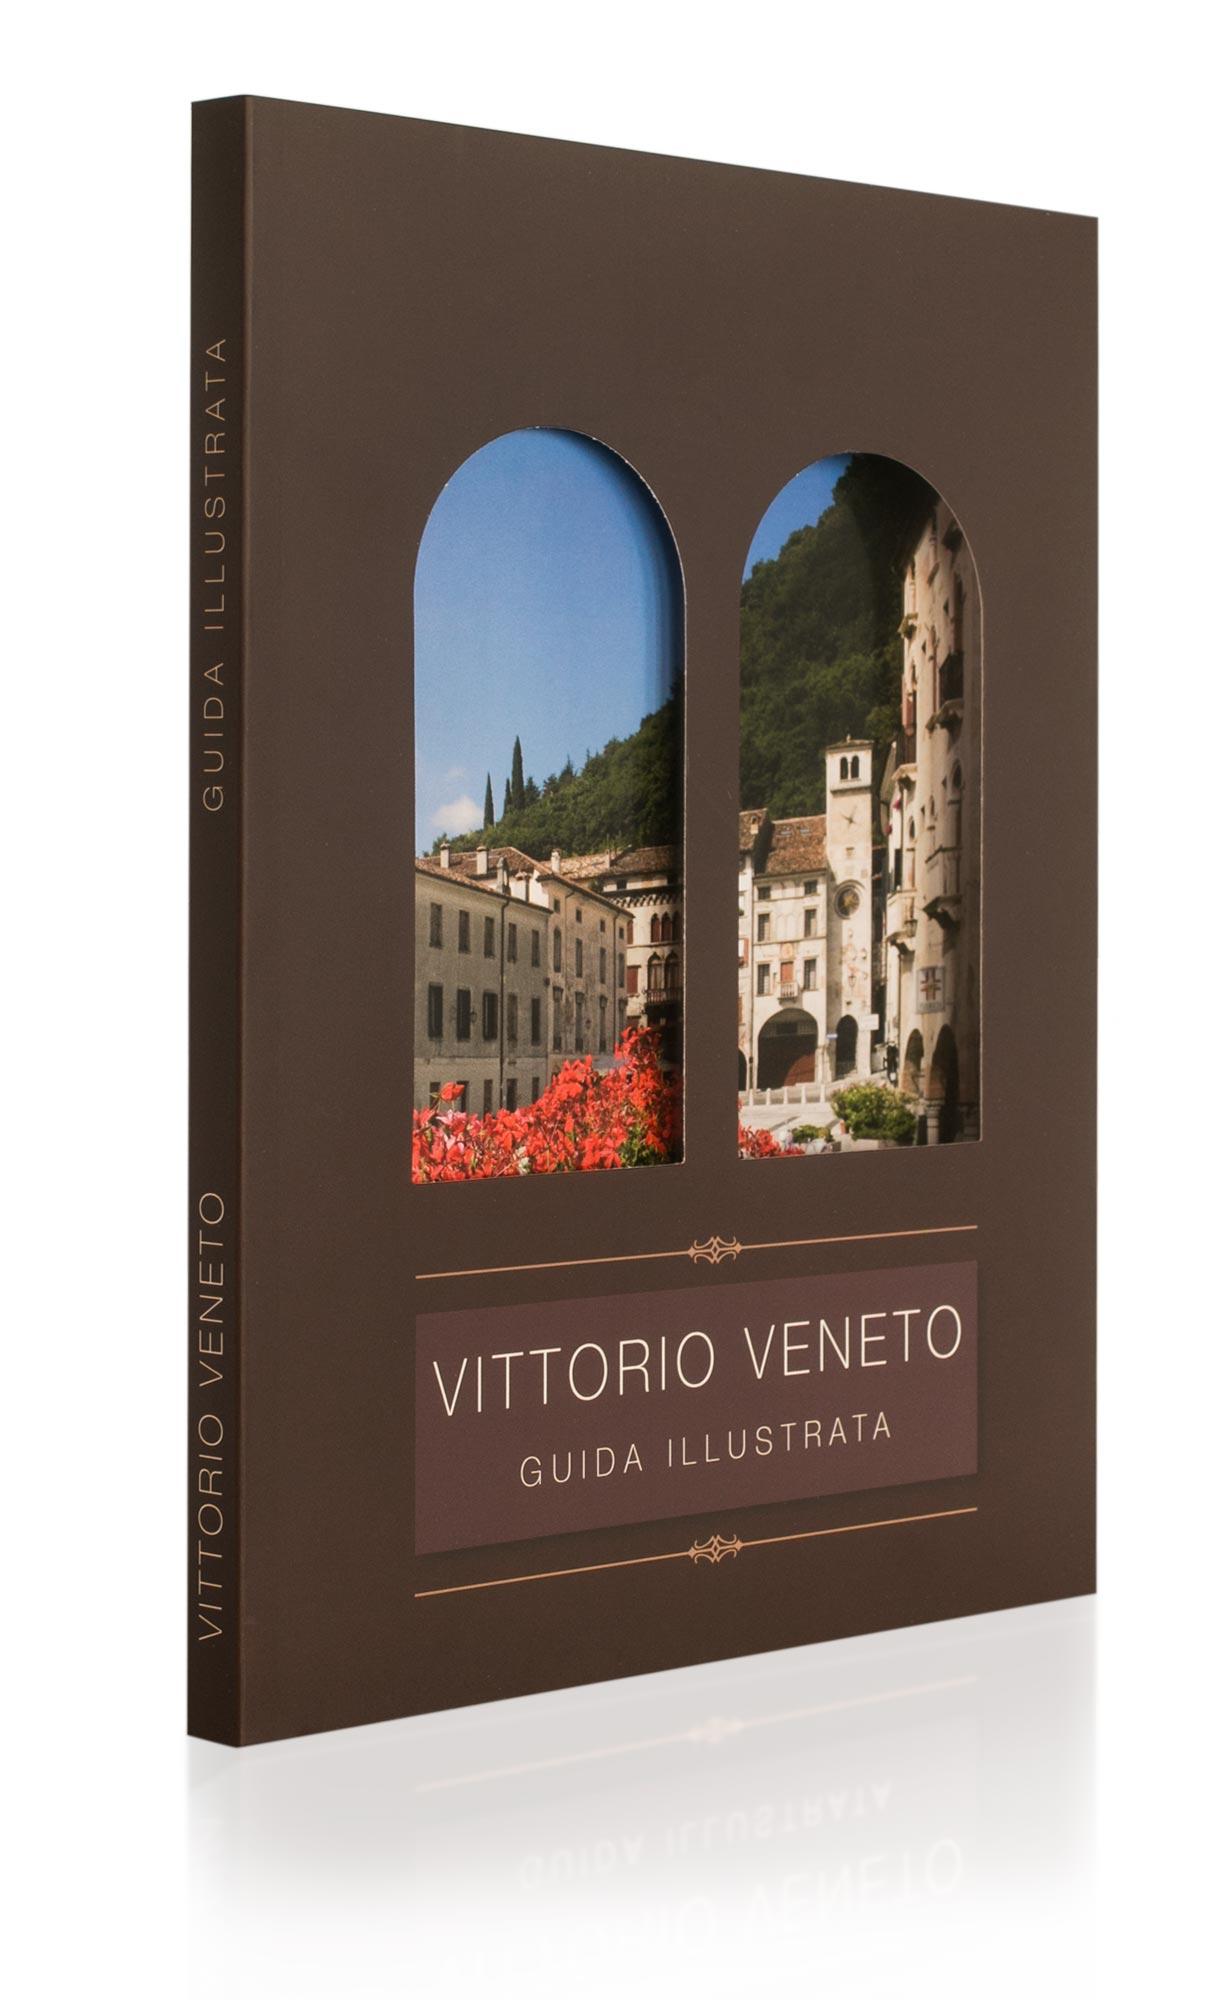 Guida illustrata di Vittorio Veneto